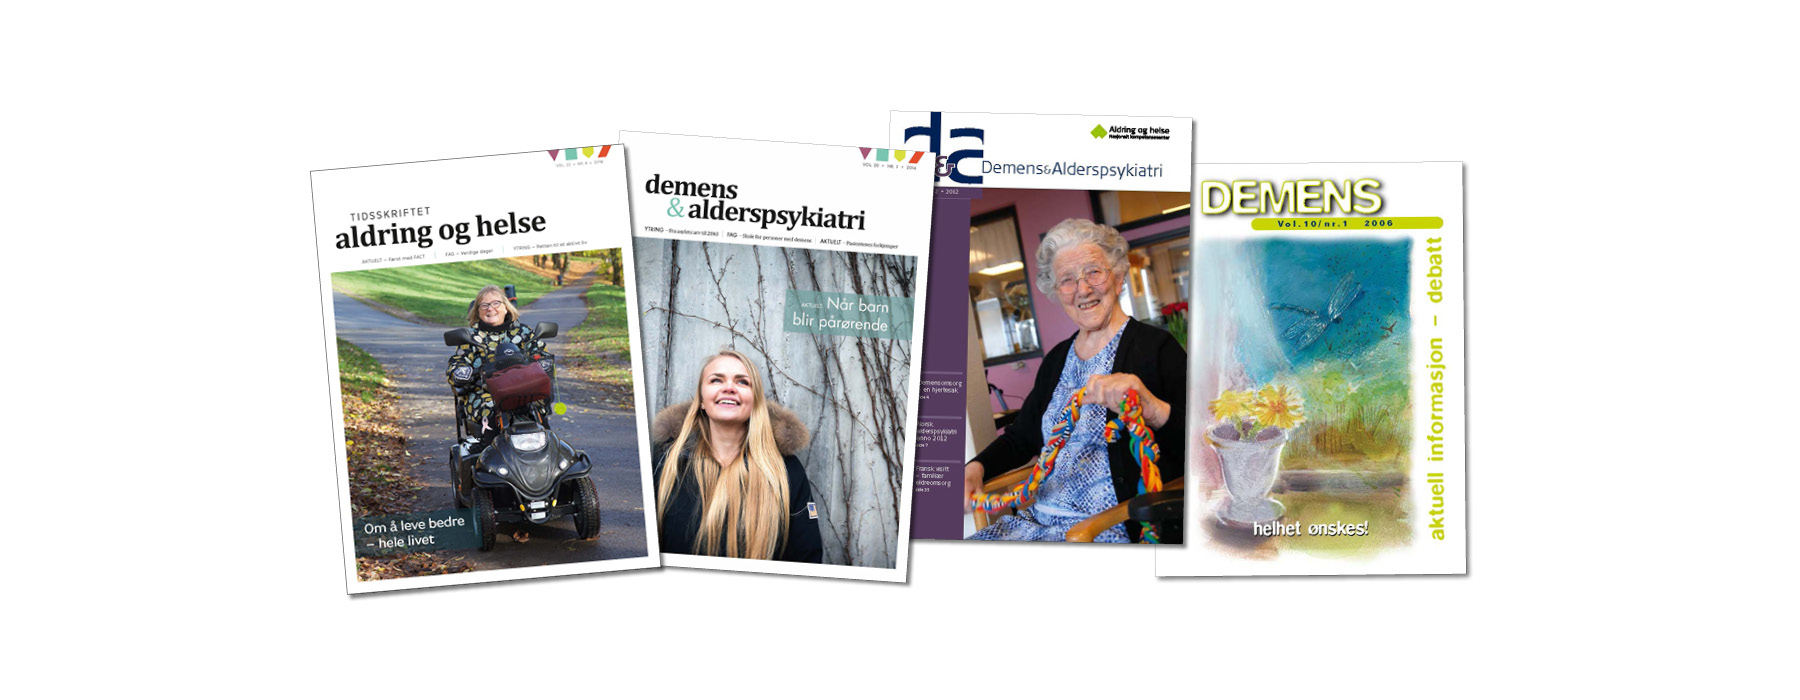 Flere utgaver av tidsskriftet samlet. Foto